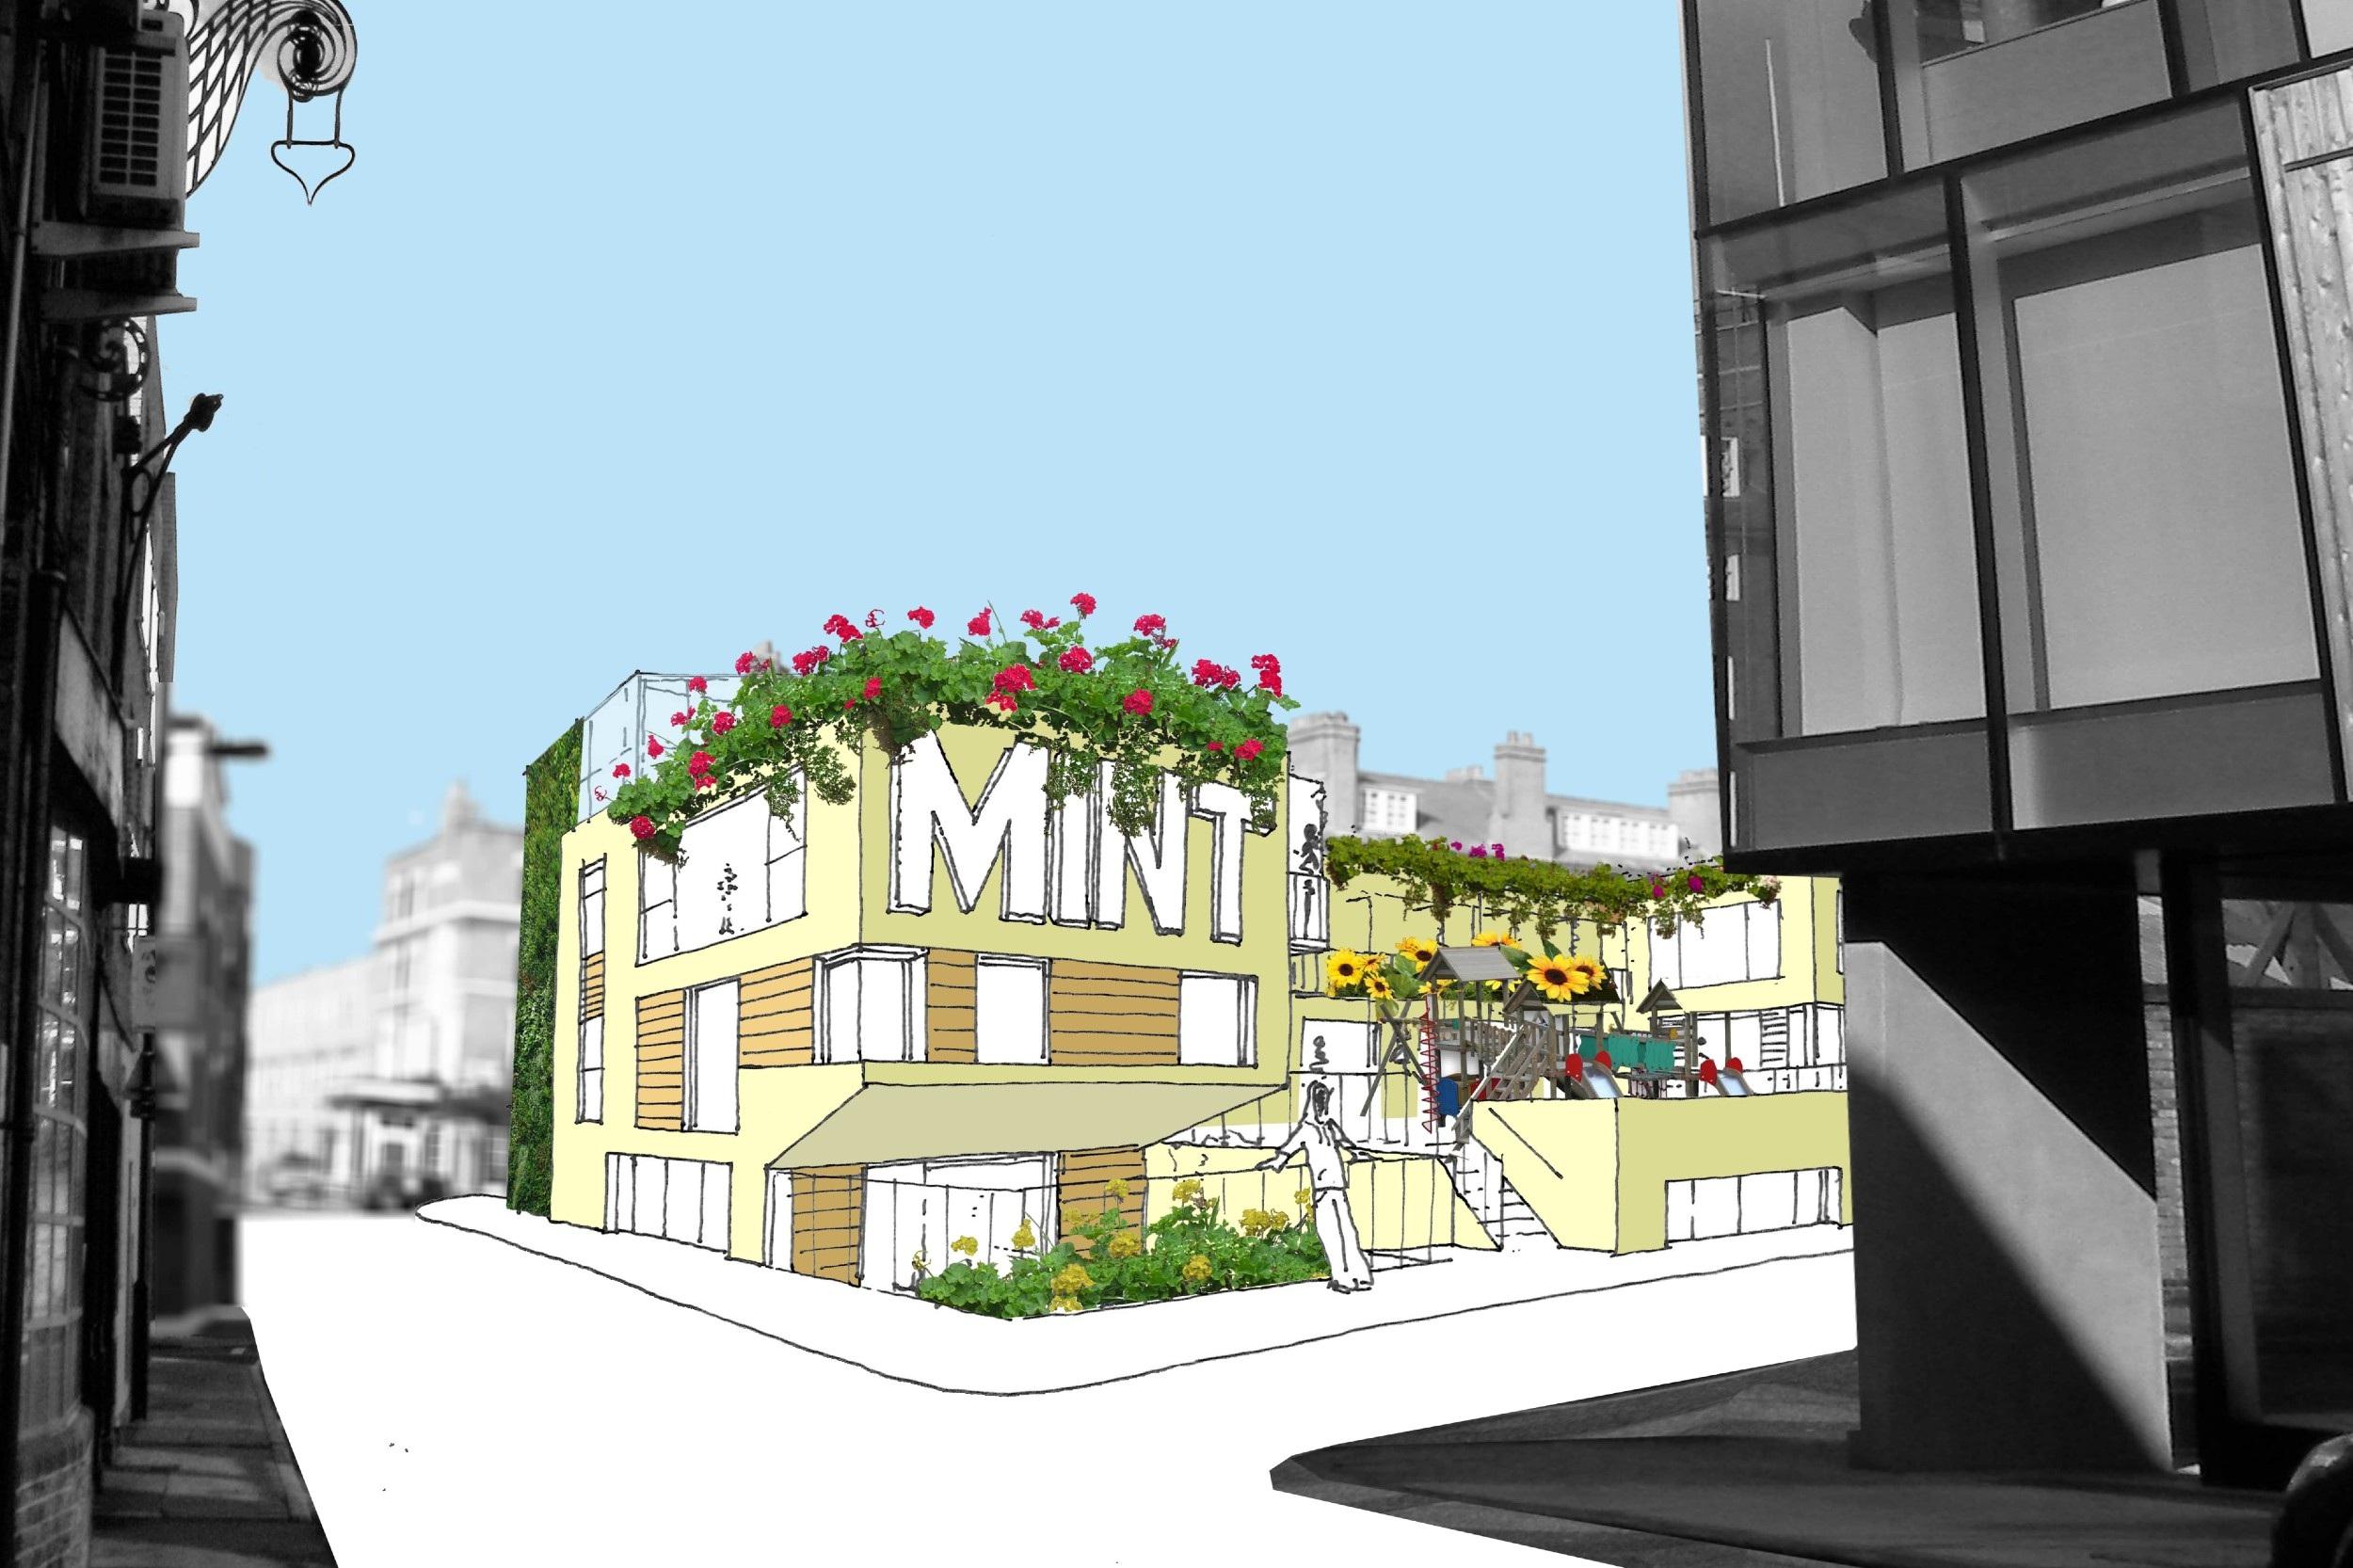 Mint Street Park